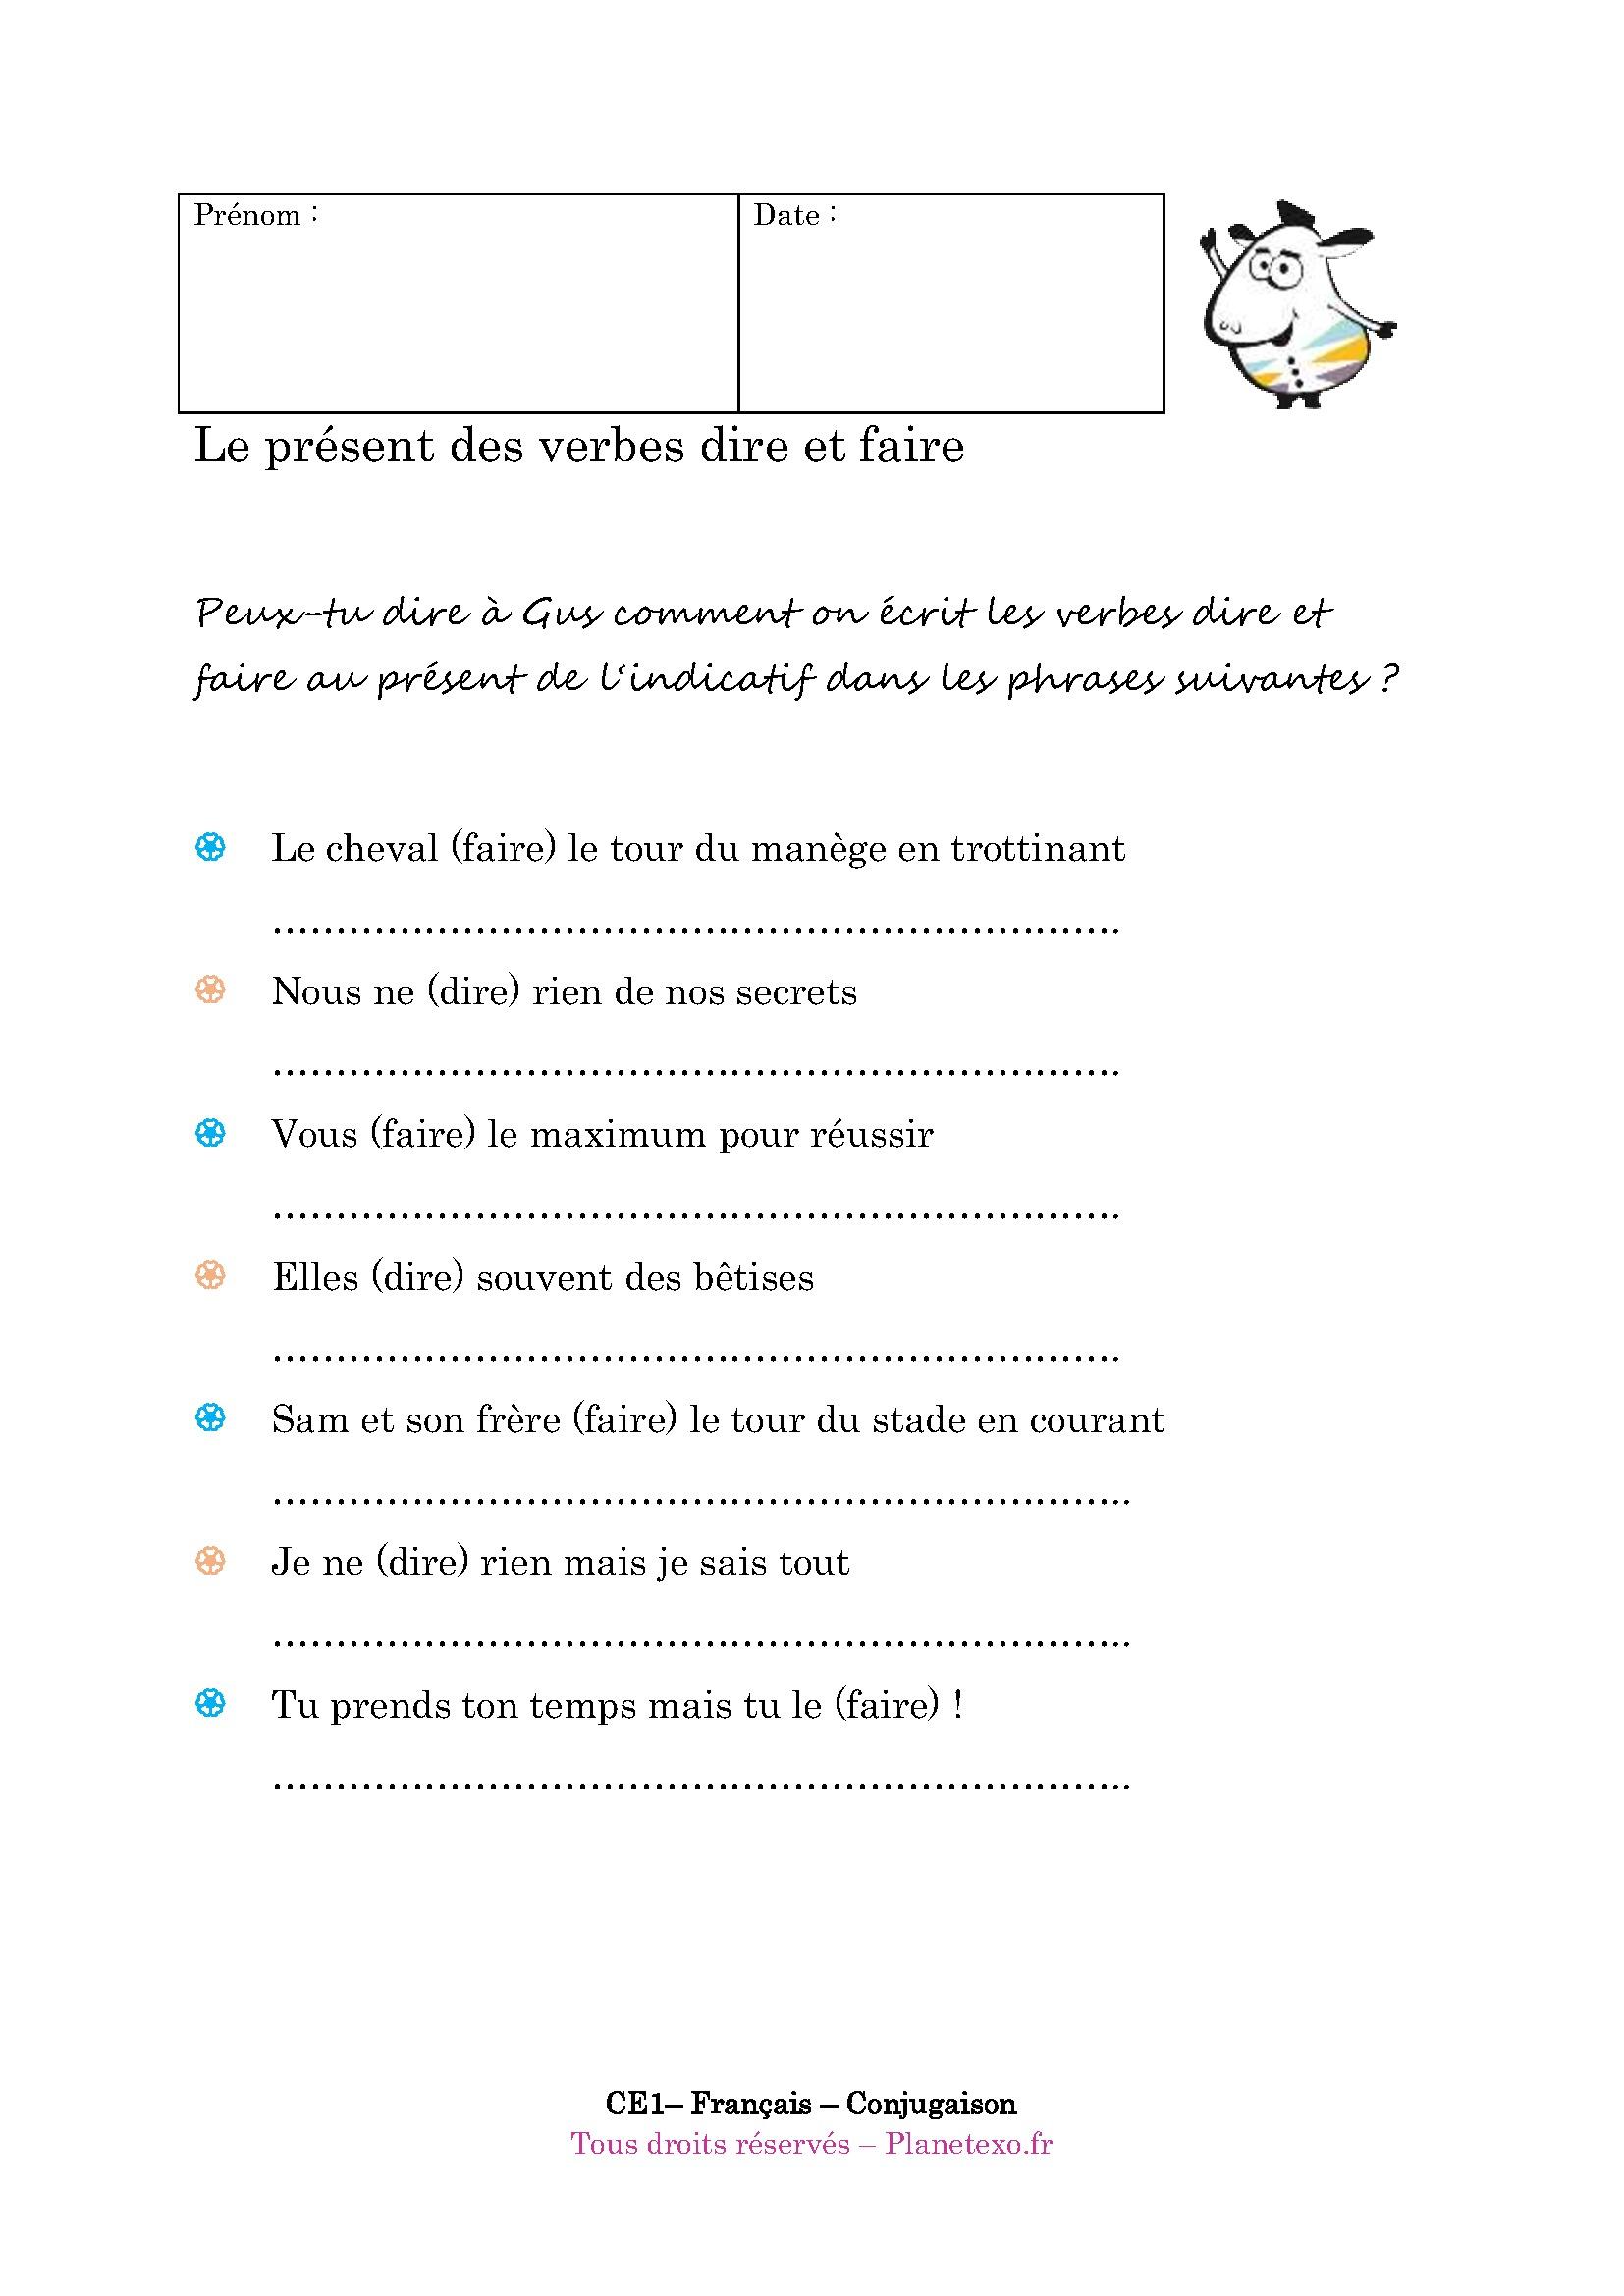 Exercice Corrige Pour Le Ce1 Le Present Des Verbes Dire Et Faire